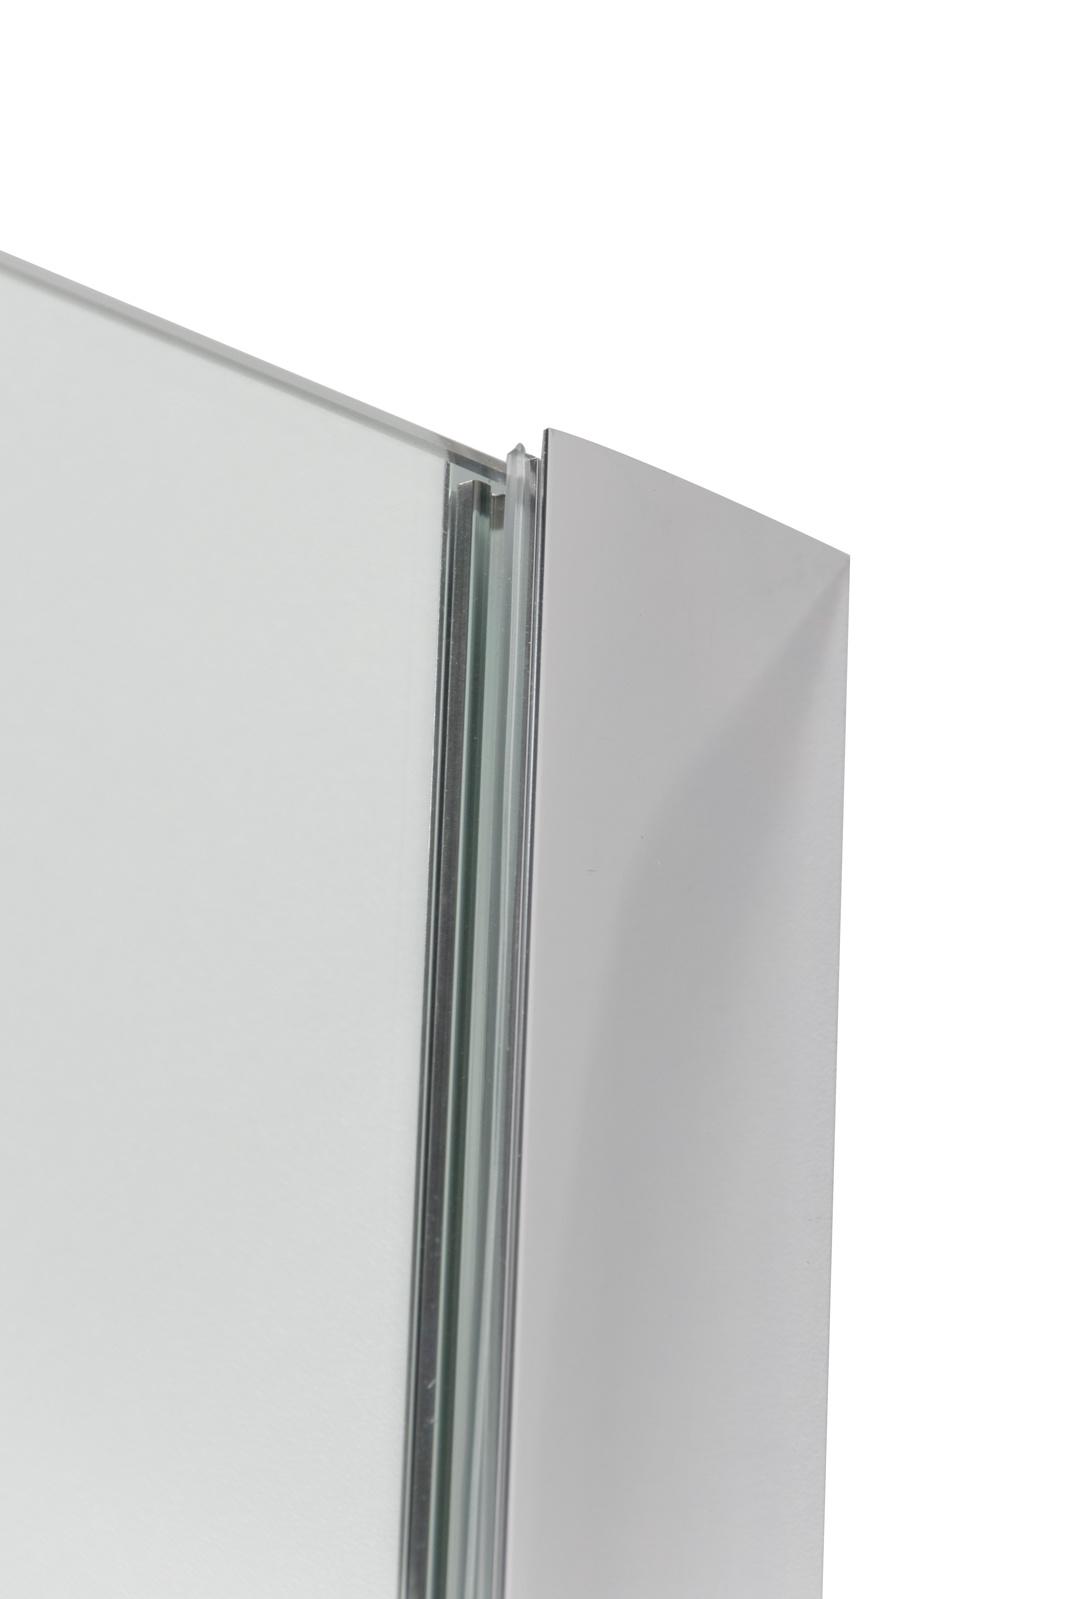 Linea Uno Inloopdouche Linea Uno 150 x 200 cm